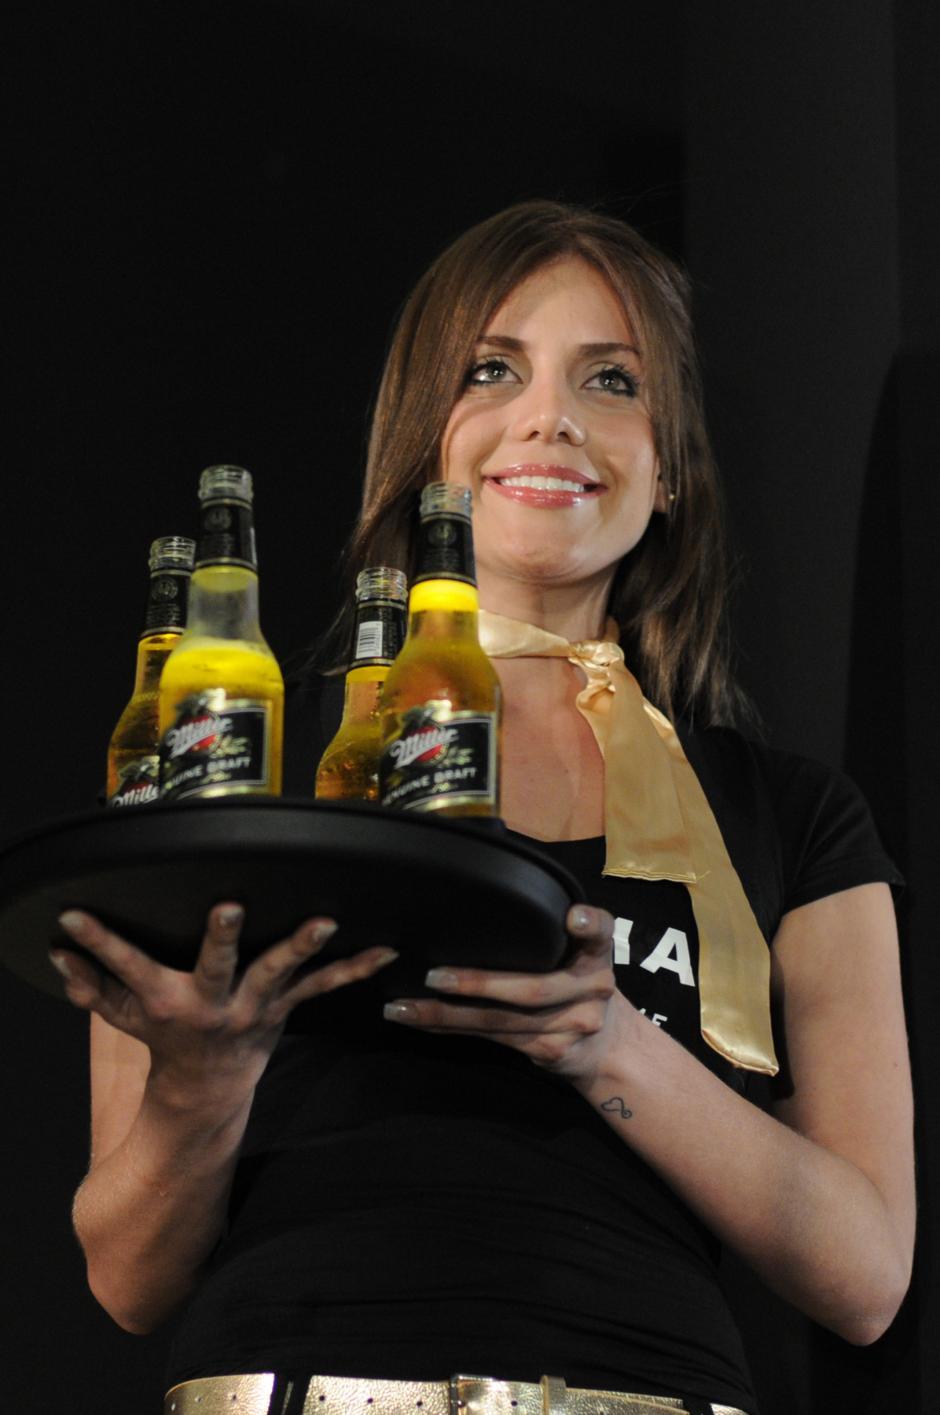 La cerveza Miller Genuine Draft se caracteríza por ser ligera en el paladar capaz de satisfacer a los clientes más exigentes en el mercado de cervezas Premium. (Foto: Esteban Biba/Soy502)